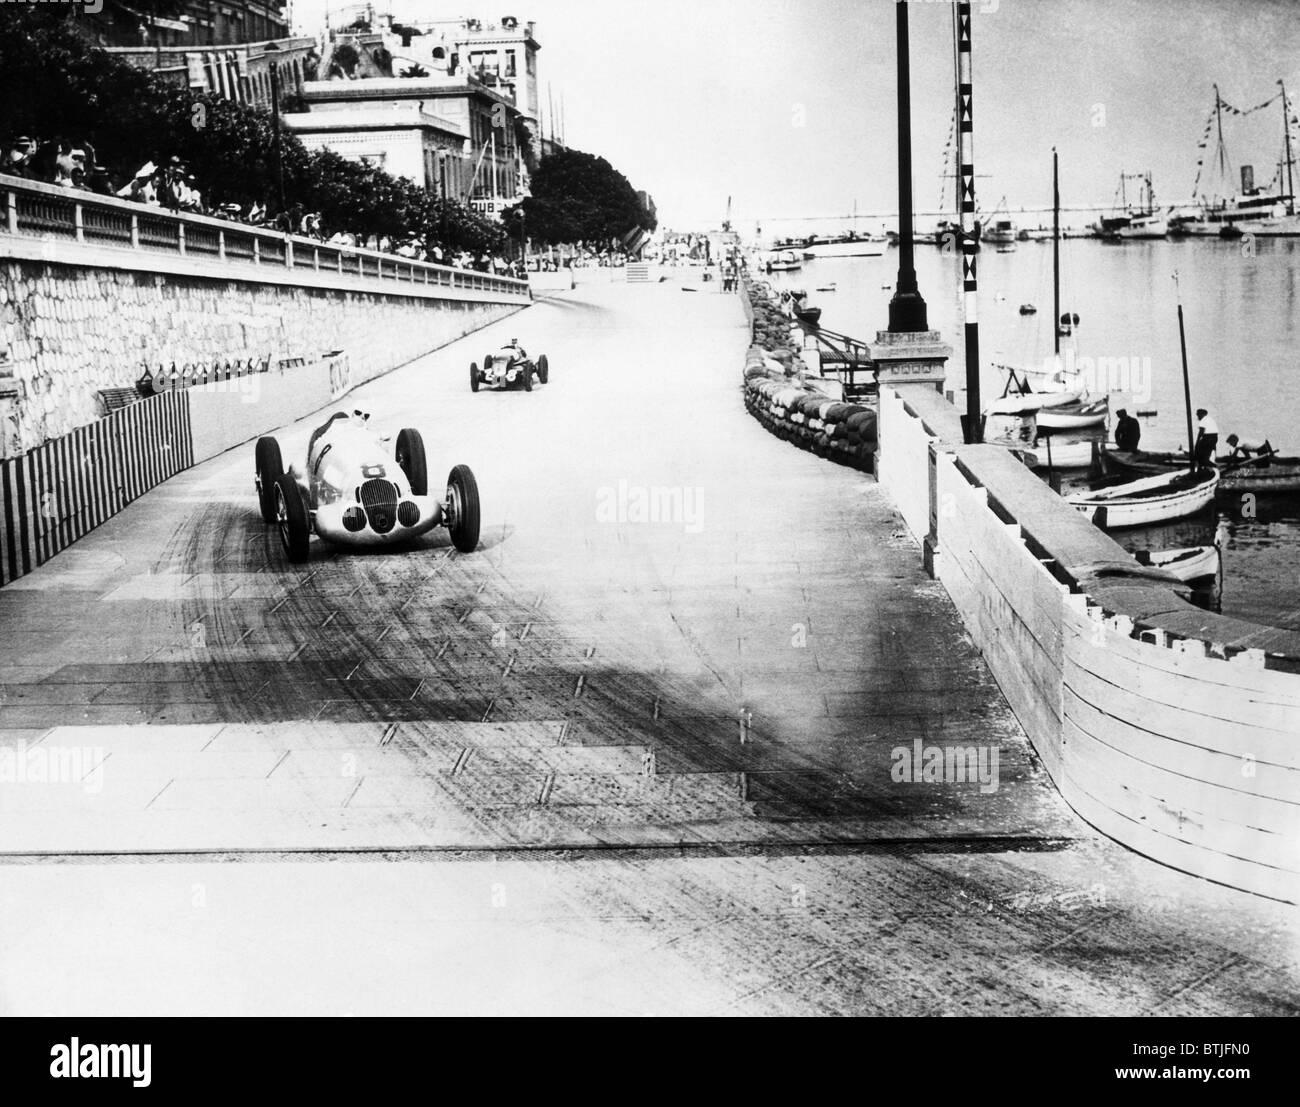 Rudolf Carraciola conduce Hans atascado en una carrera de prueba en carretera para el Grand Prix de Mónaco Imagen De Stock